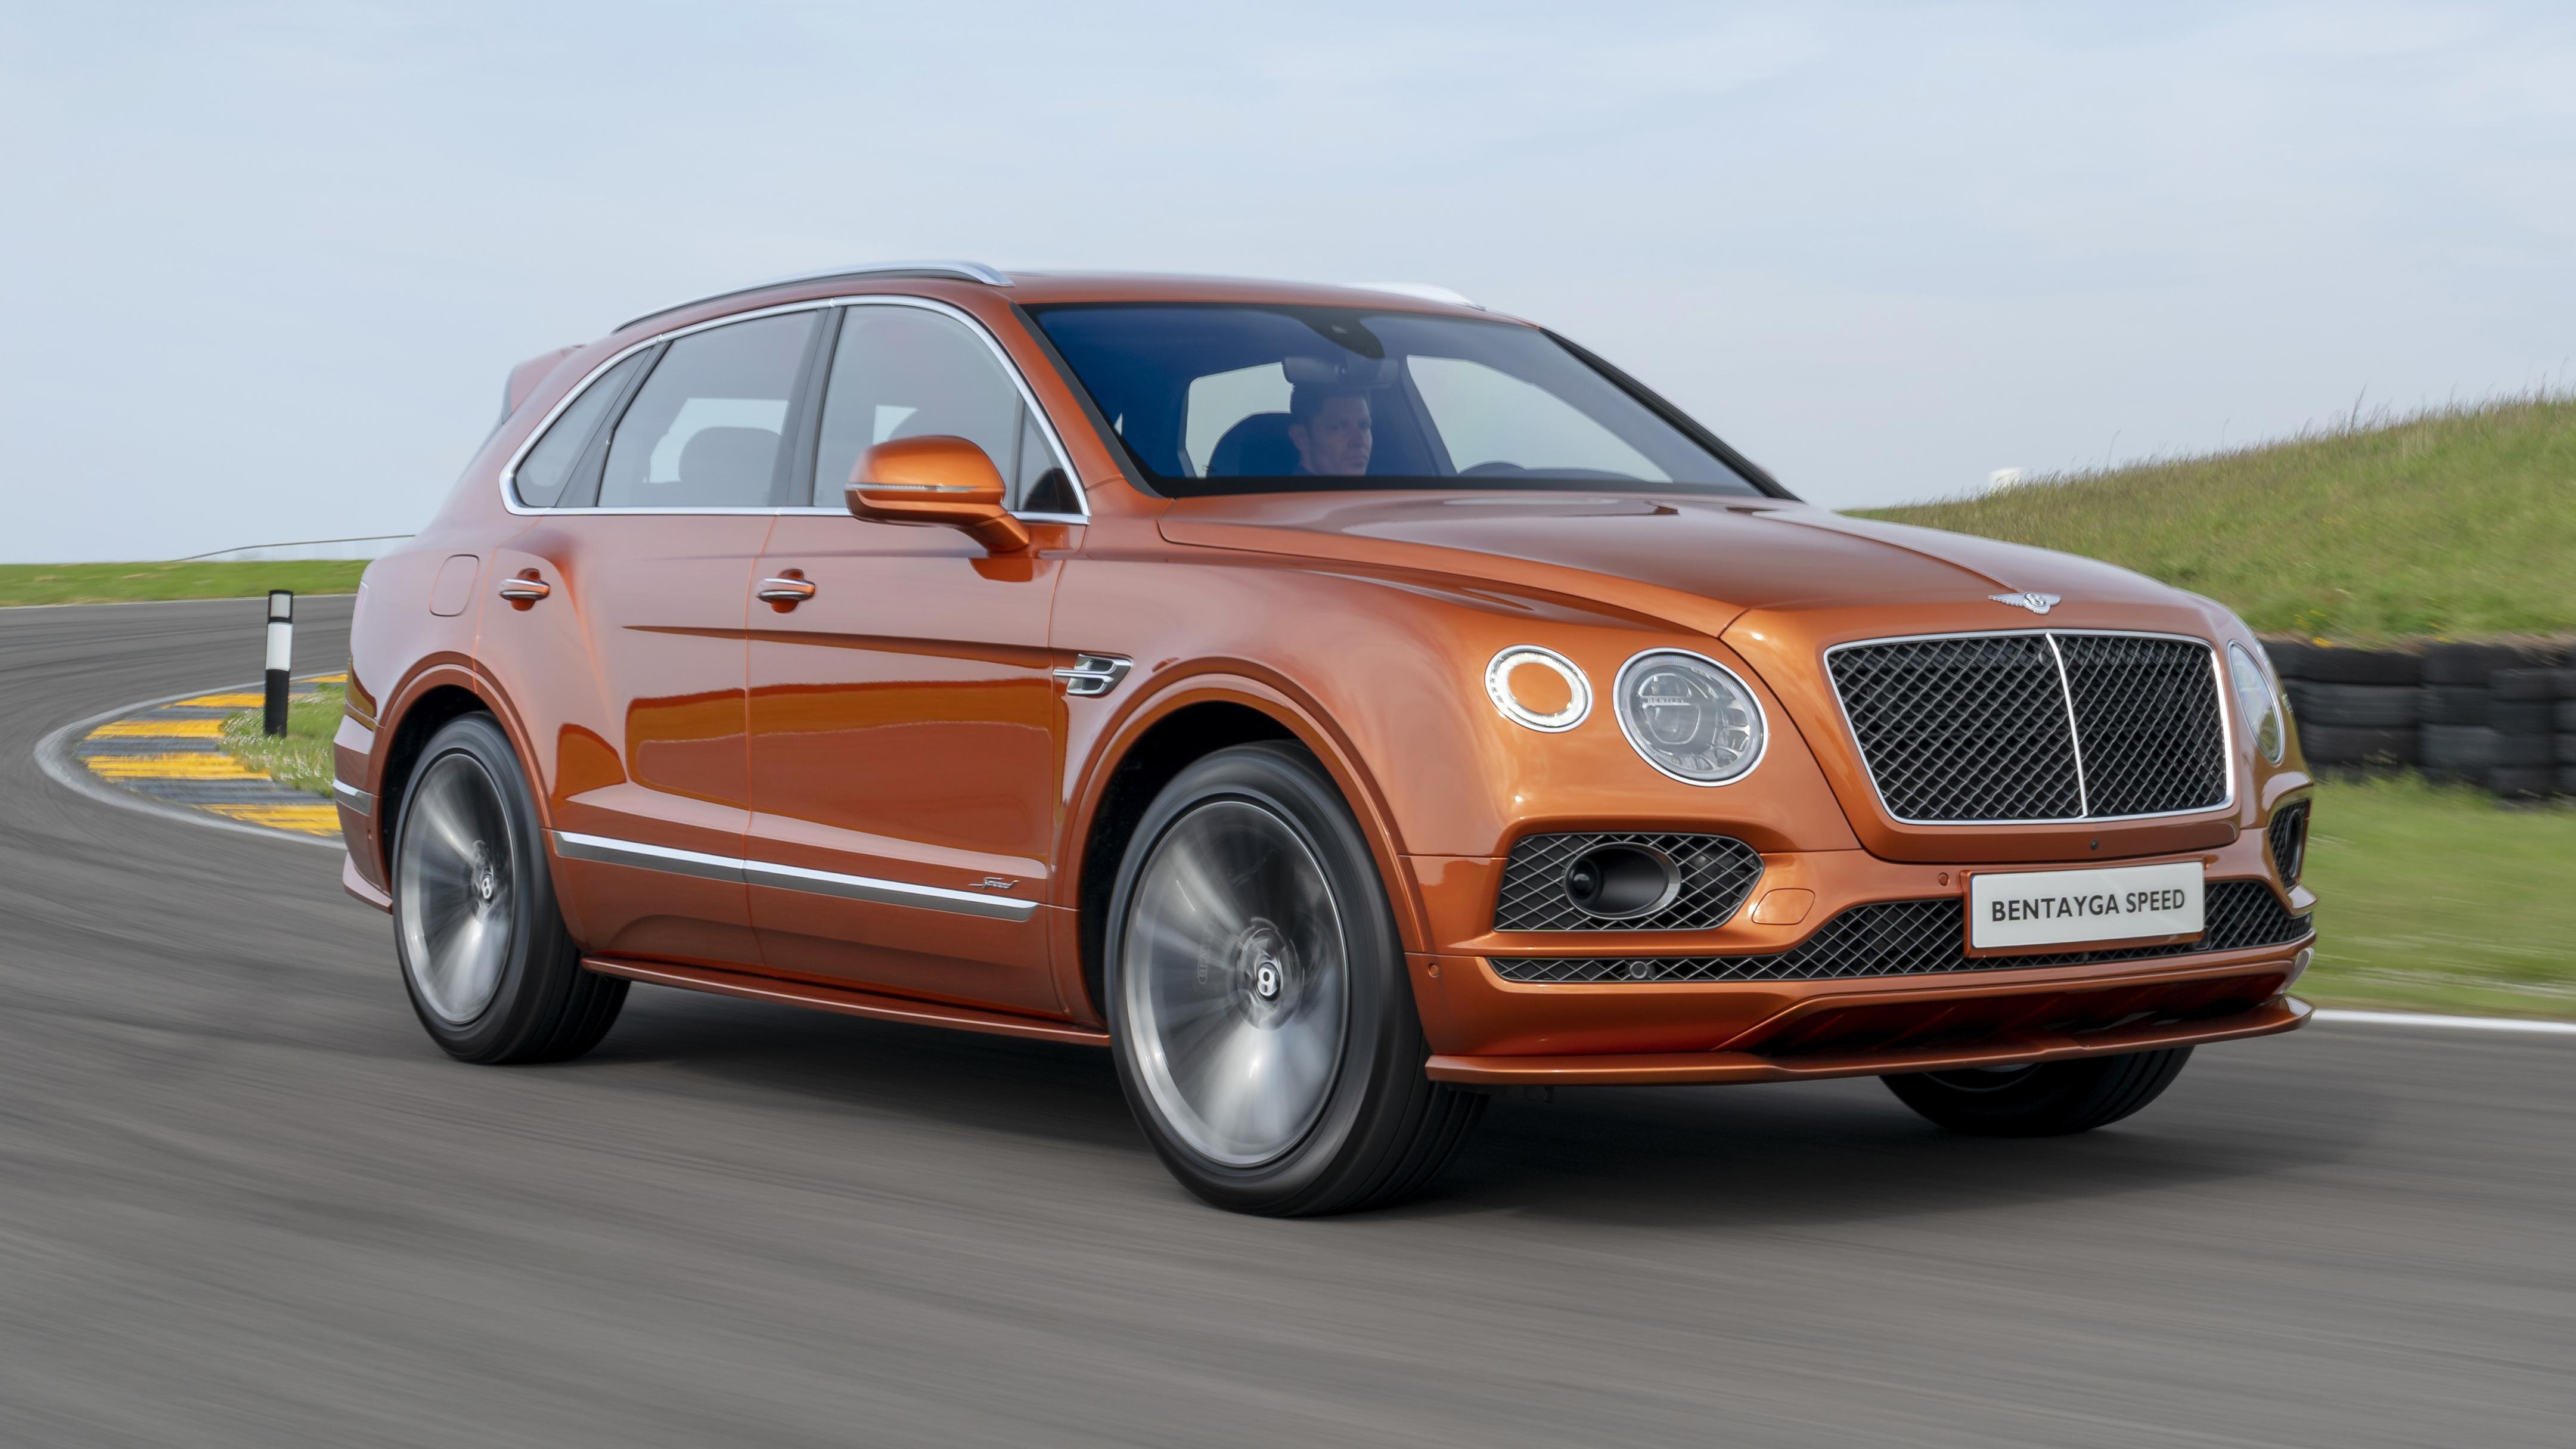 Bentley Bentayga Speed Review 626bhp Suv Driven Top Gear